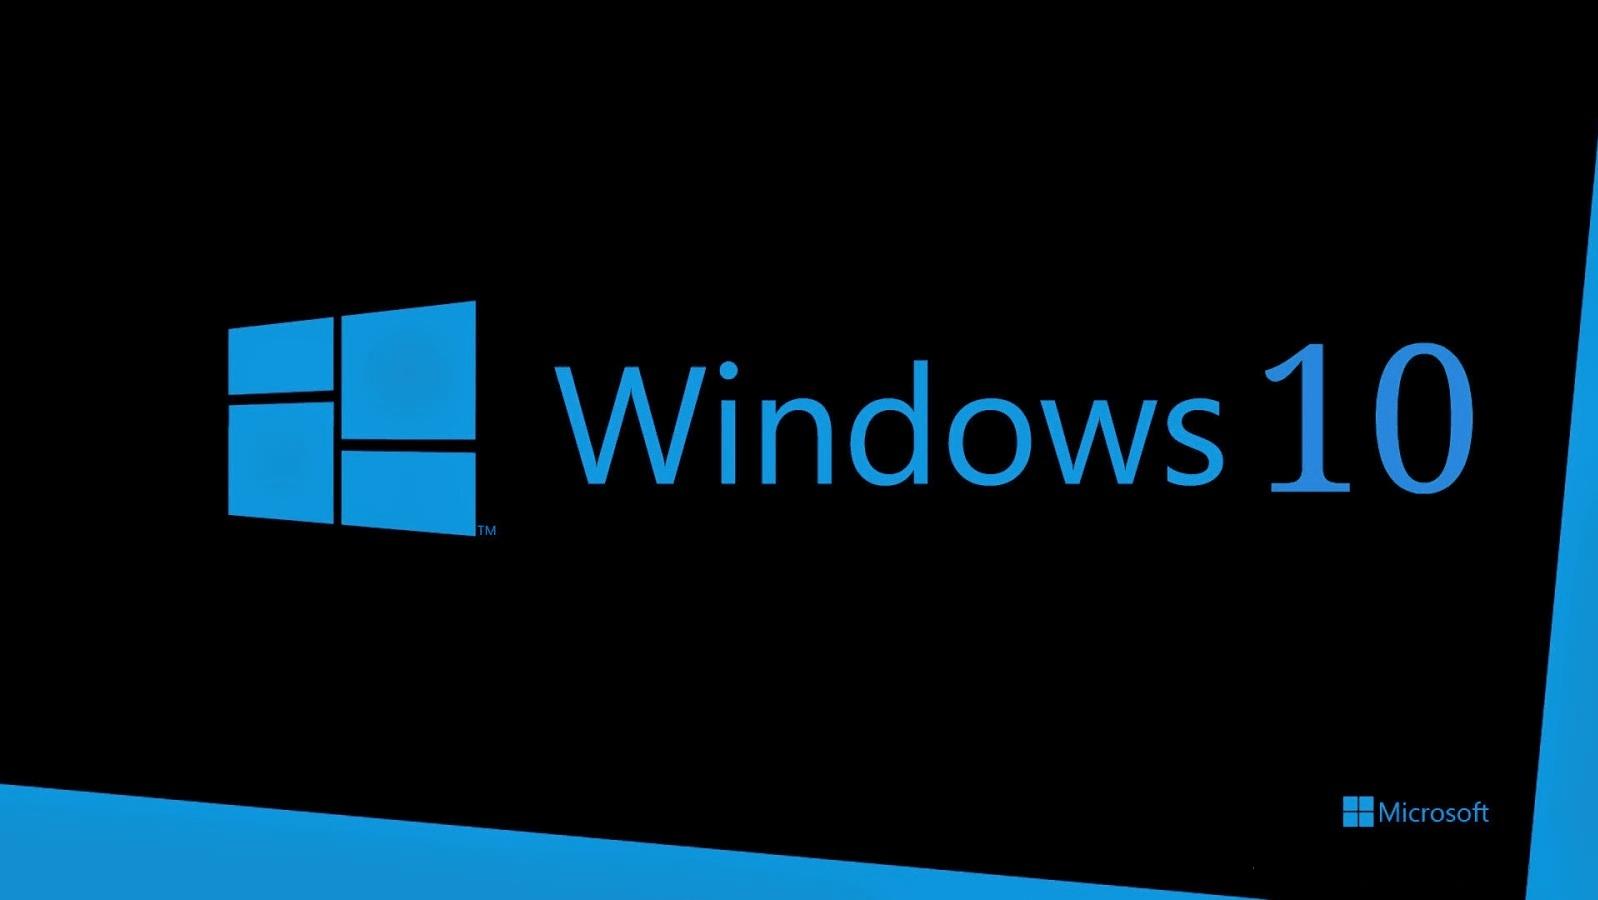 Как исправить самые раздражающие недостатки Windows 10